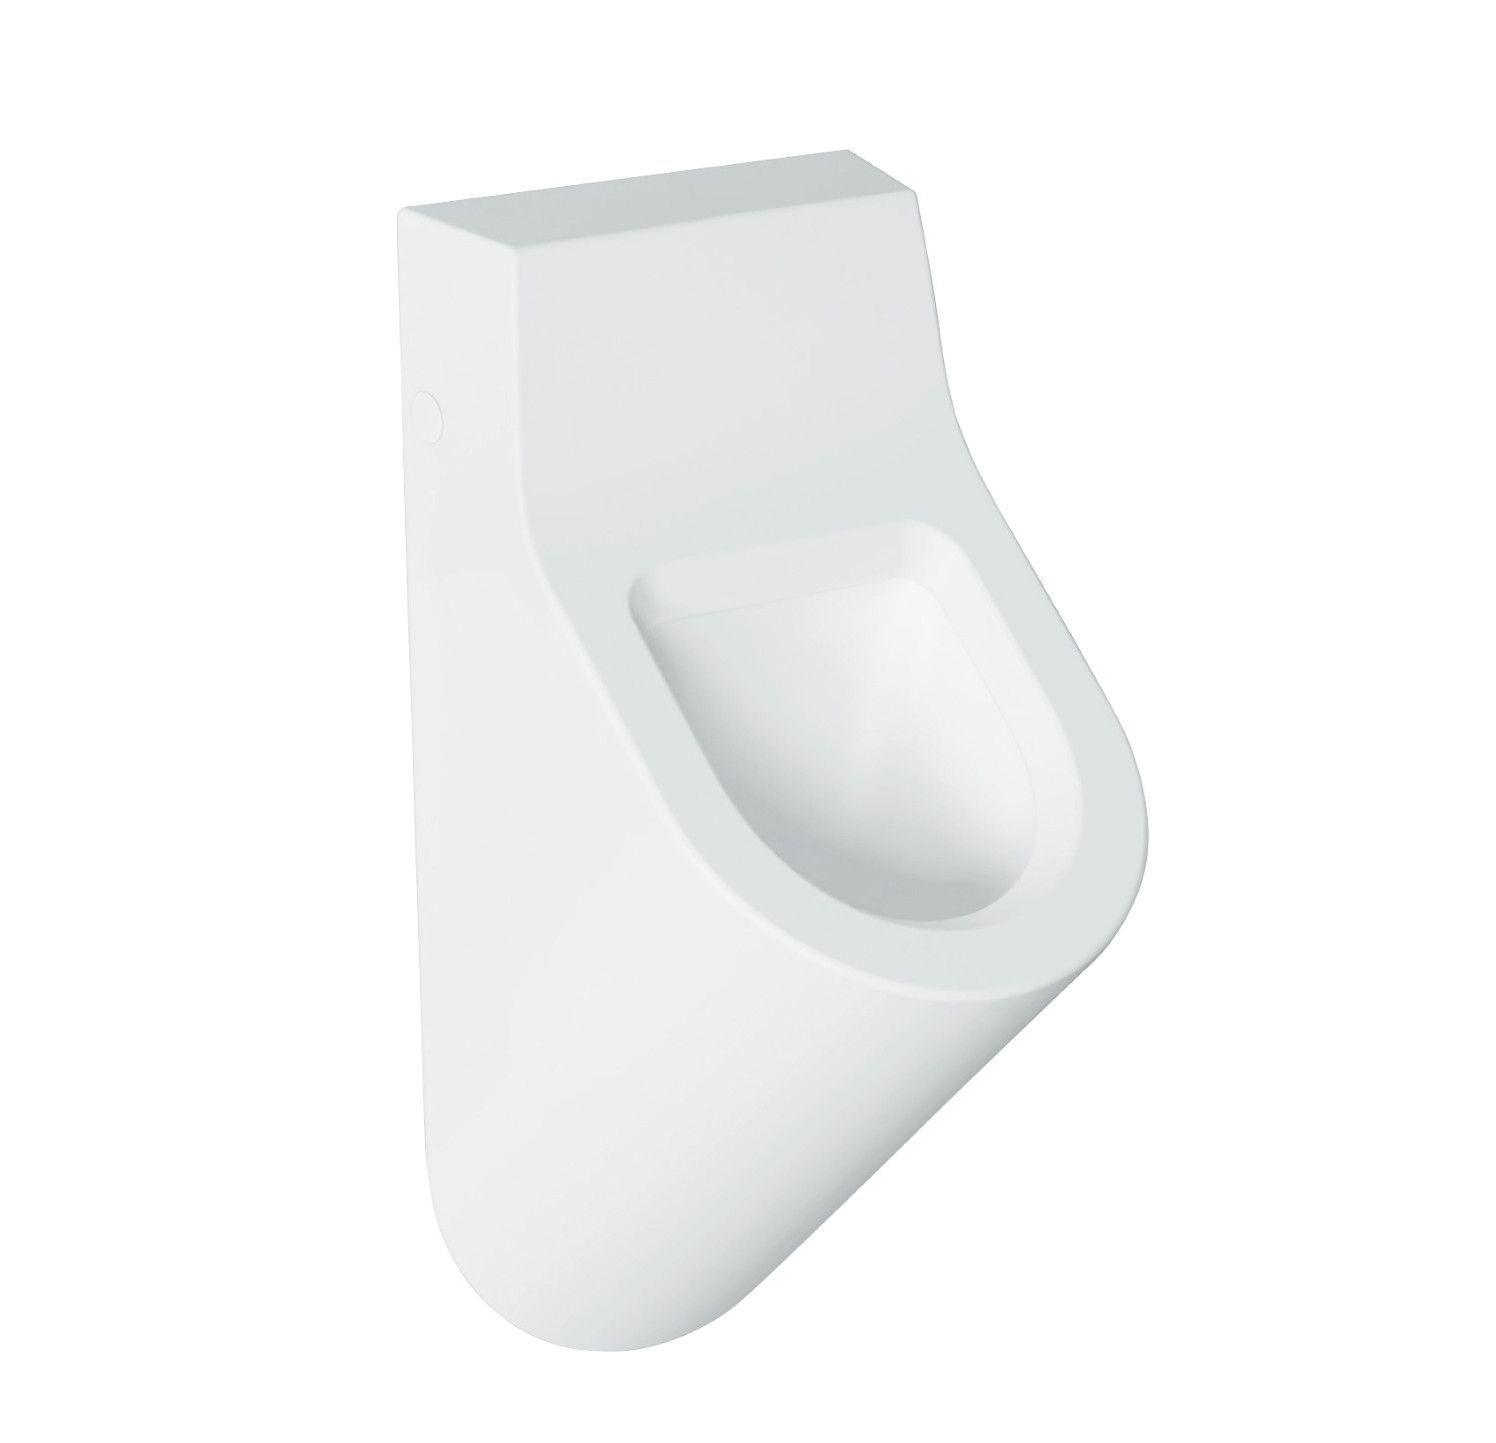 Productafbeelding van Salenzi Hung urinoir achterinlaat glans wit met ophangset en sifon